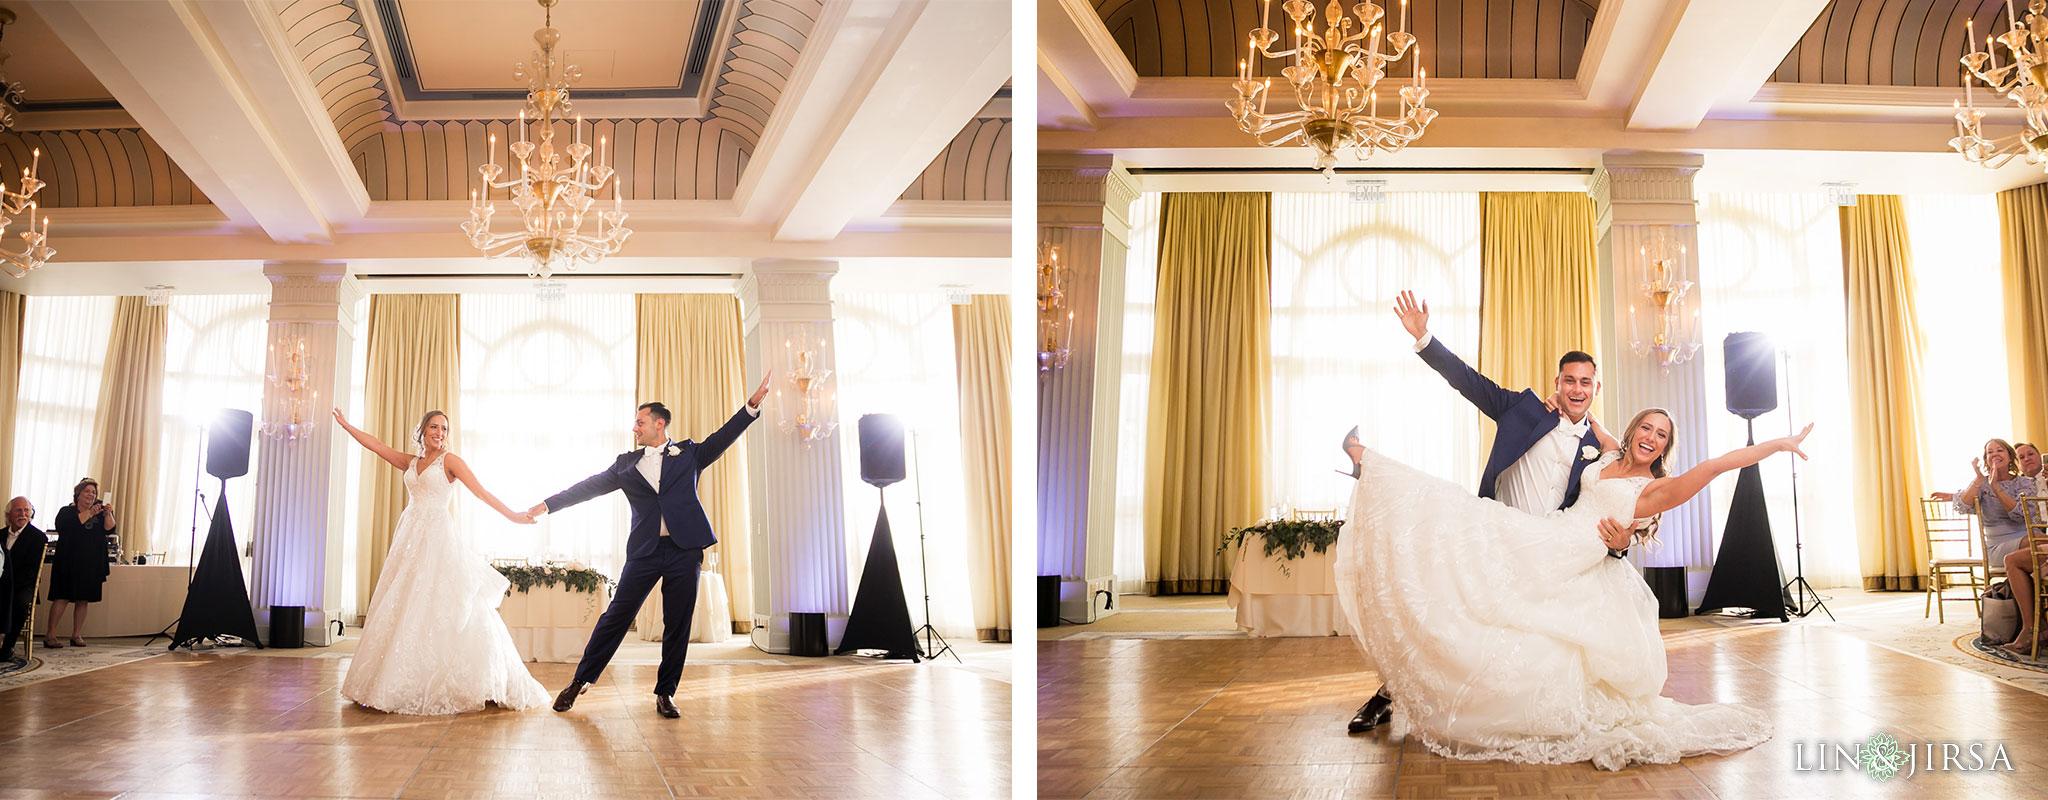 31 casa del mar santa monica wedding reception photography